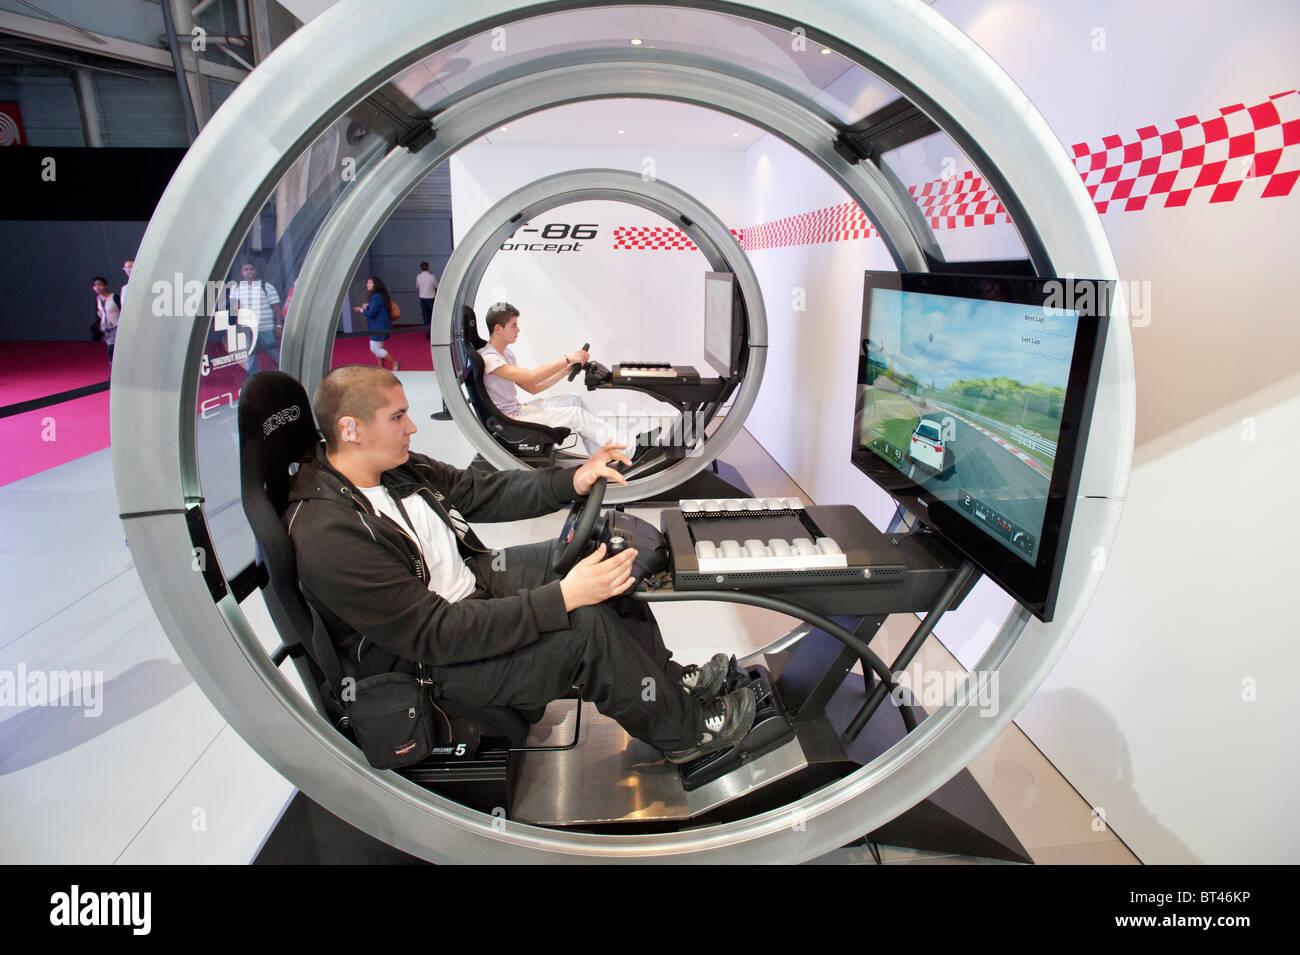 Visitors using Toyota driving simulators at Paris Motor Show 2010 - Stock Image